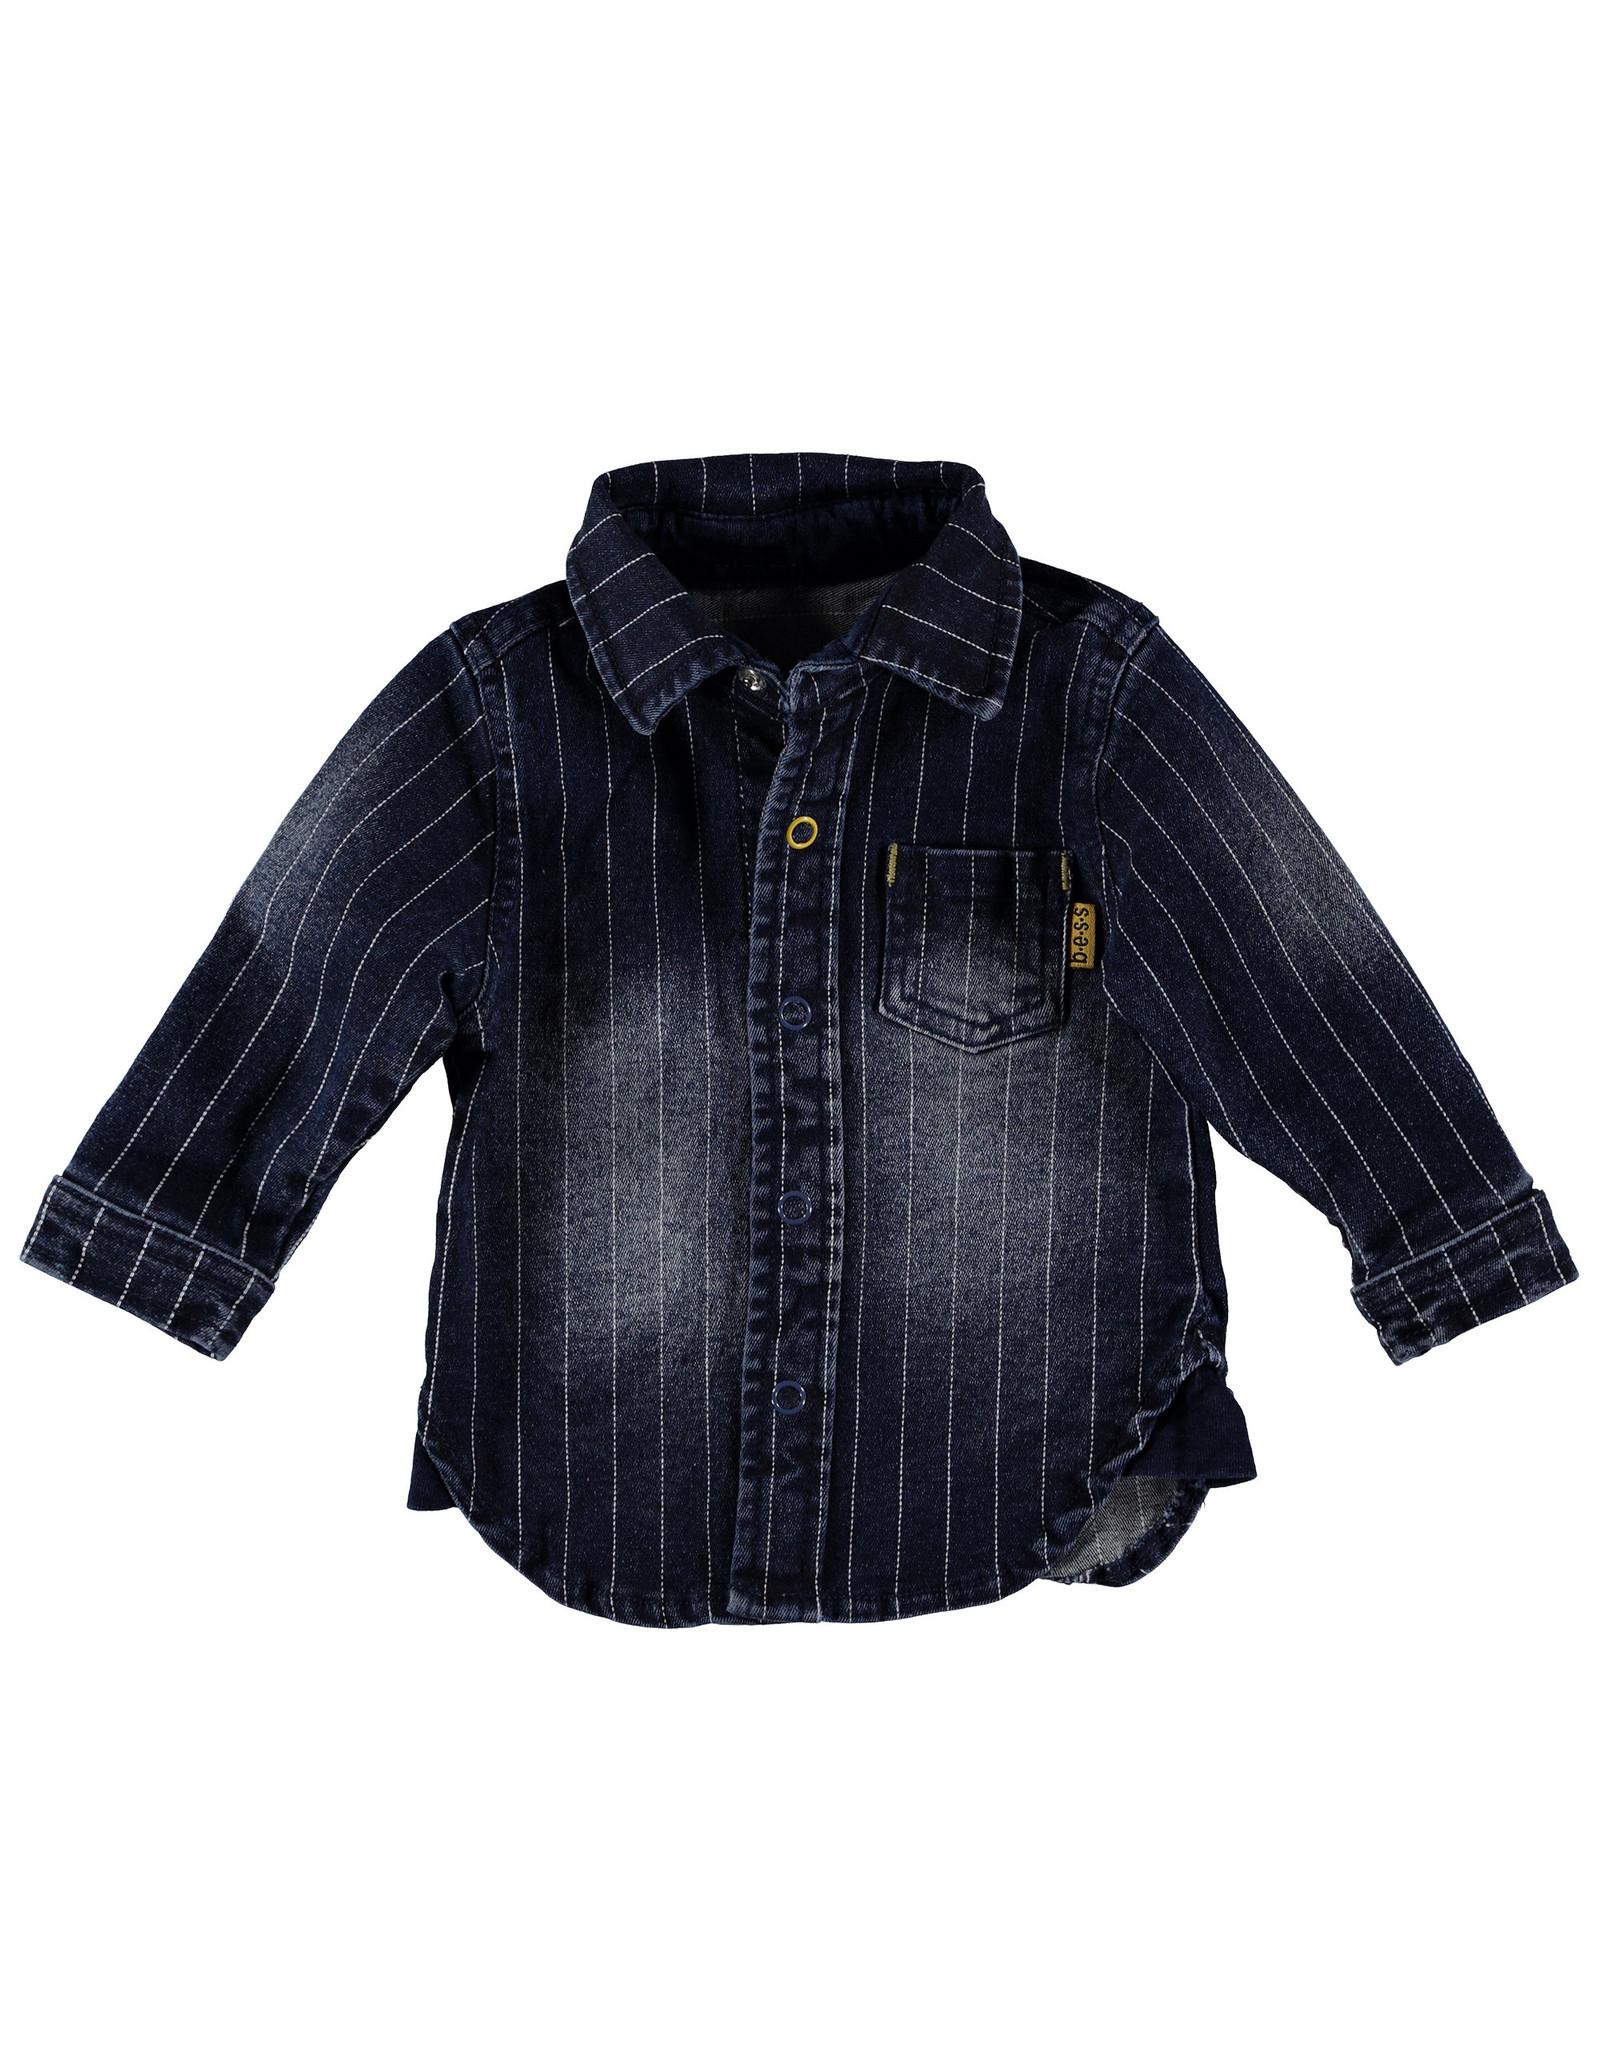 B.E.S.S blouse denim gestreept